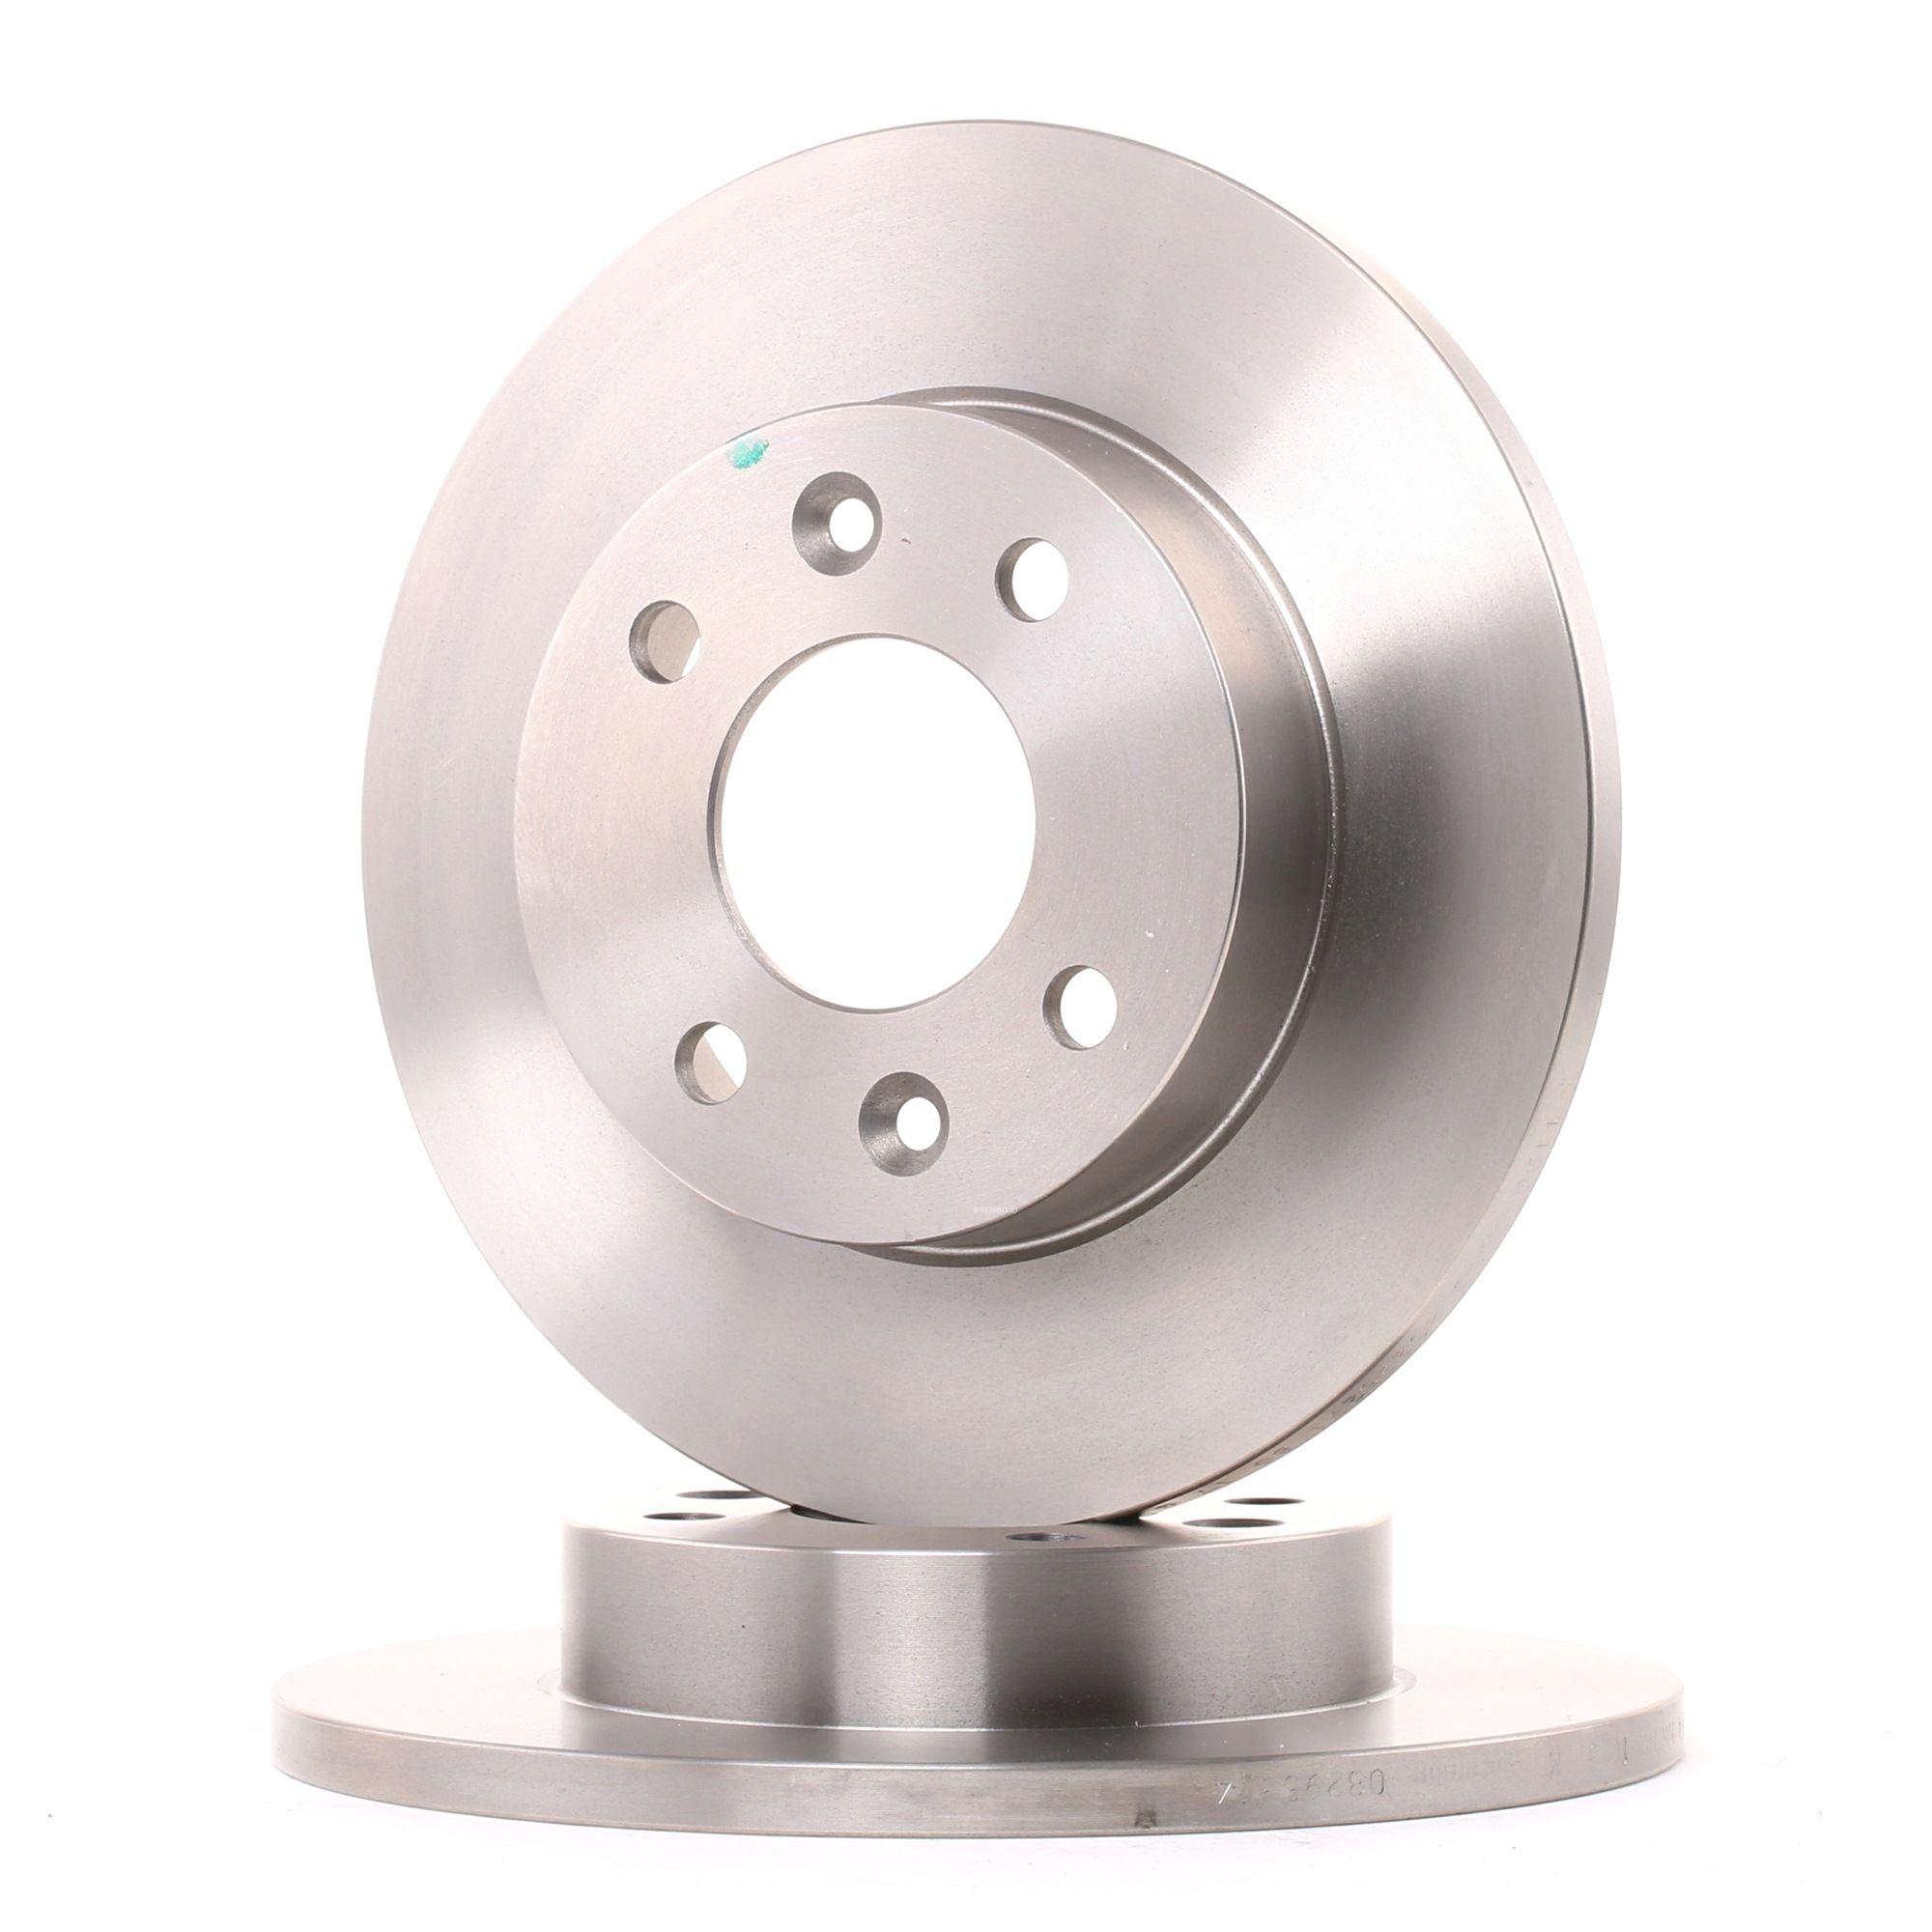 08.2958.14 BREMBO Voll, mit Schrauben Ø: 238mm, Lochanzahl: 4, Bremsscheibendicke: 12mm Bremsscheibe 08.2958.14 günstig kaufen